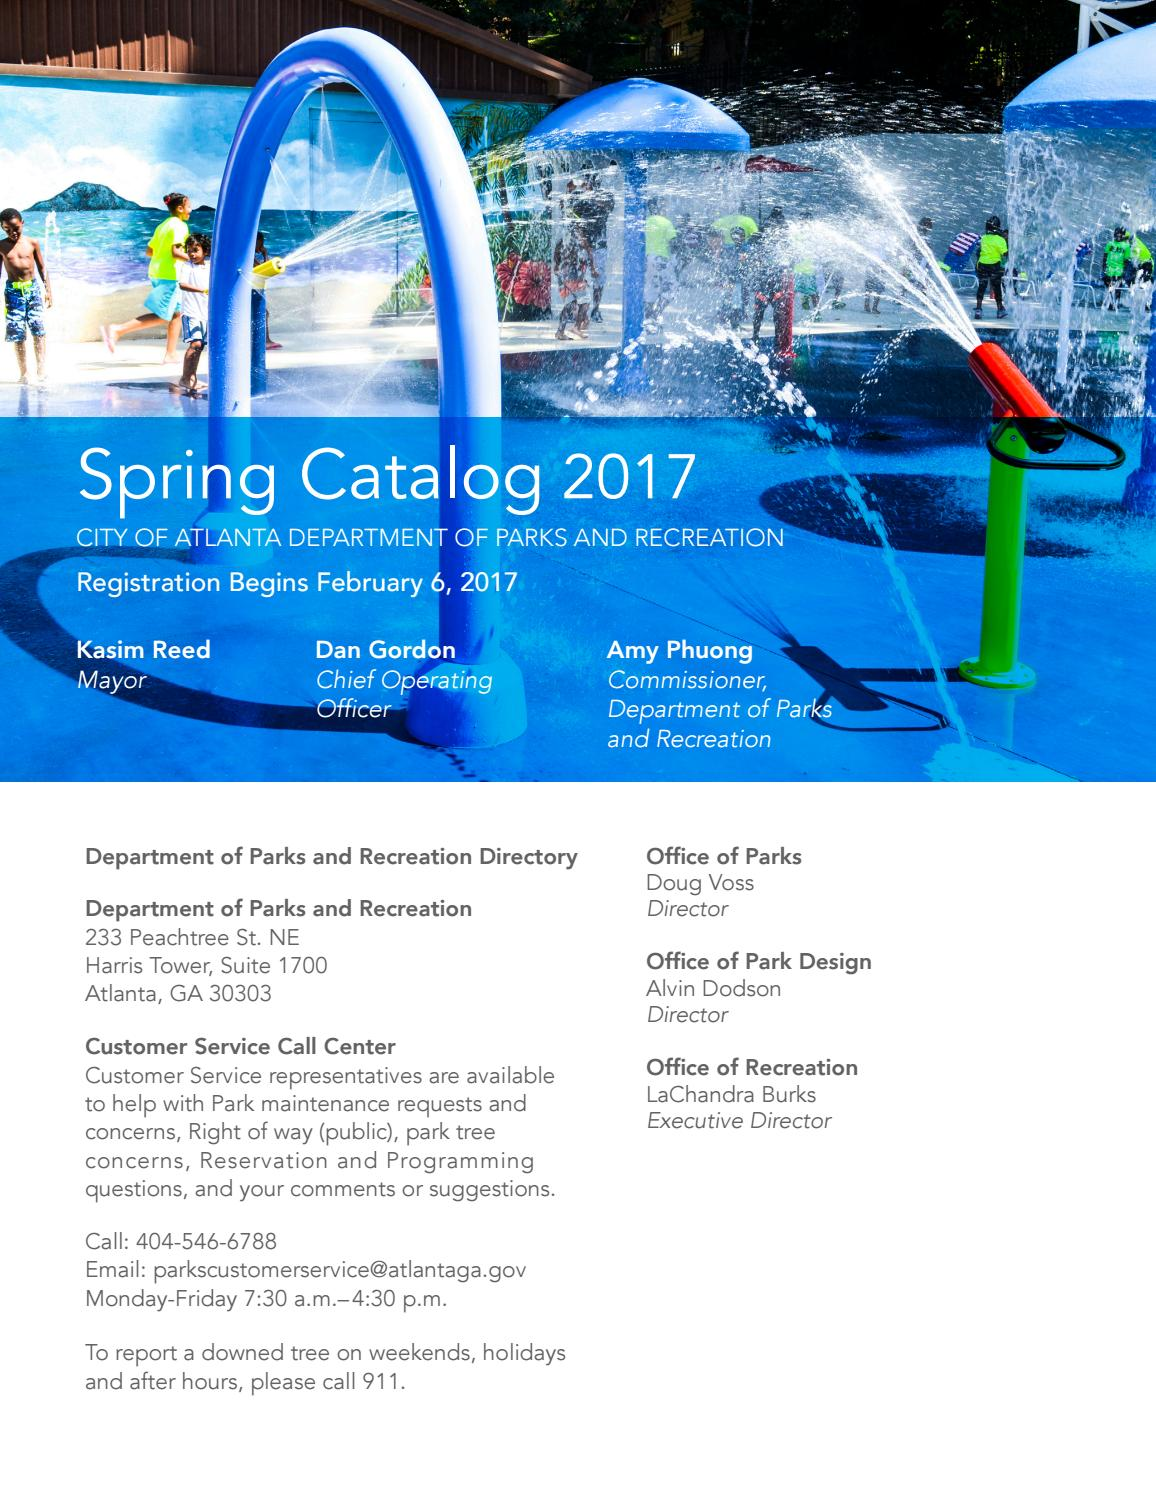 ATL Parks & Rec Spring 2017 Catolog by Atlanta DPR - issuu